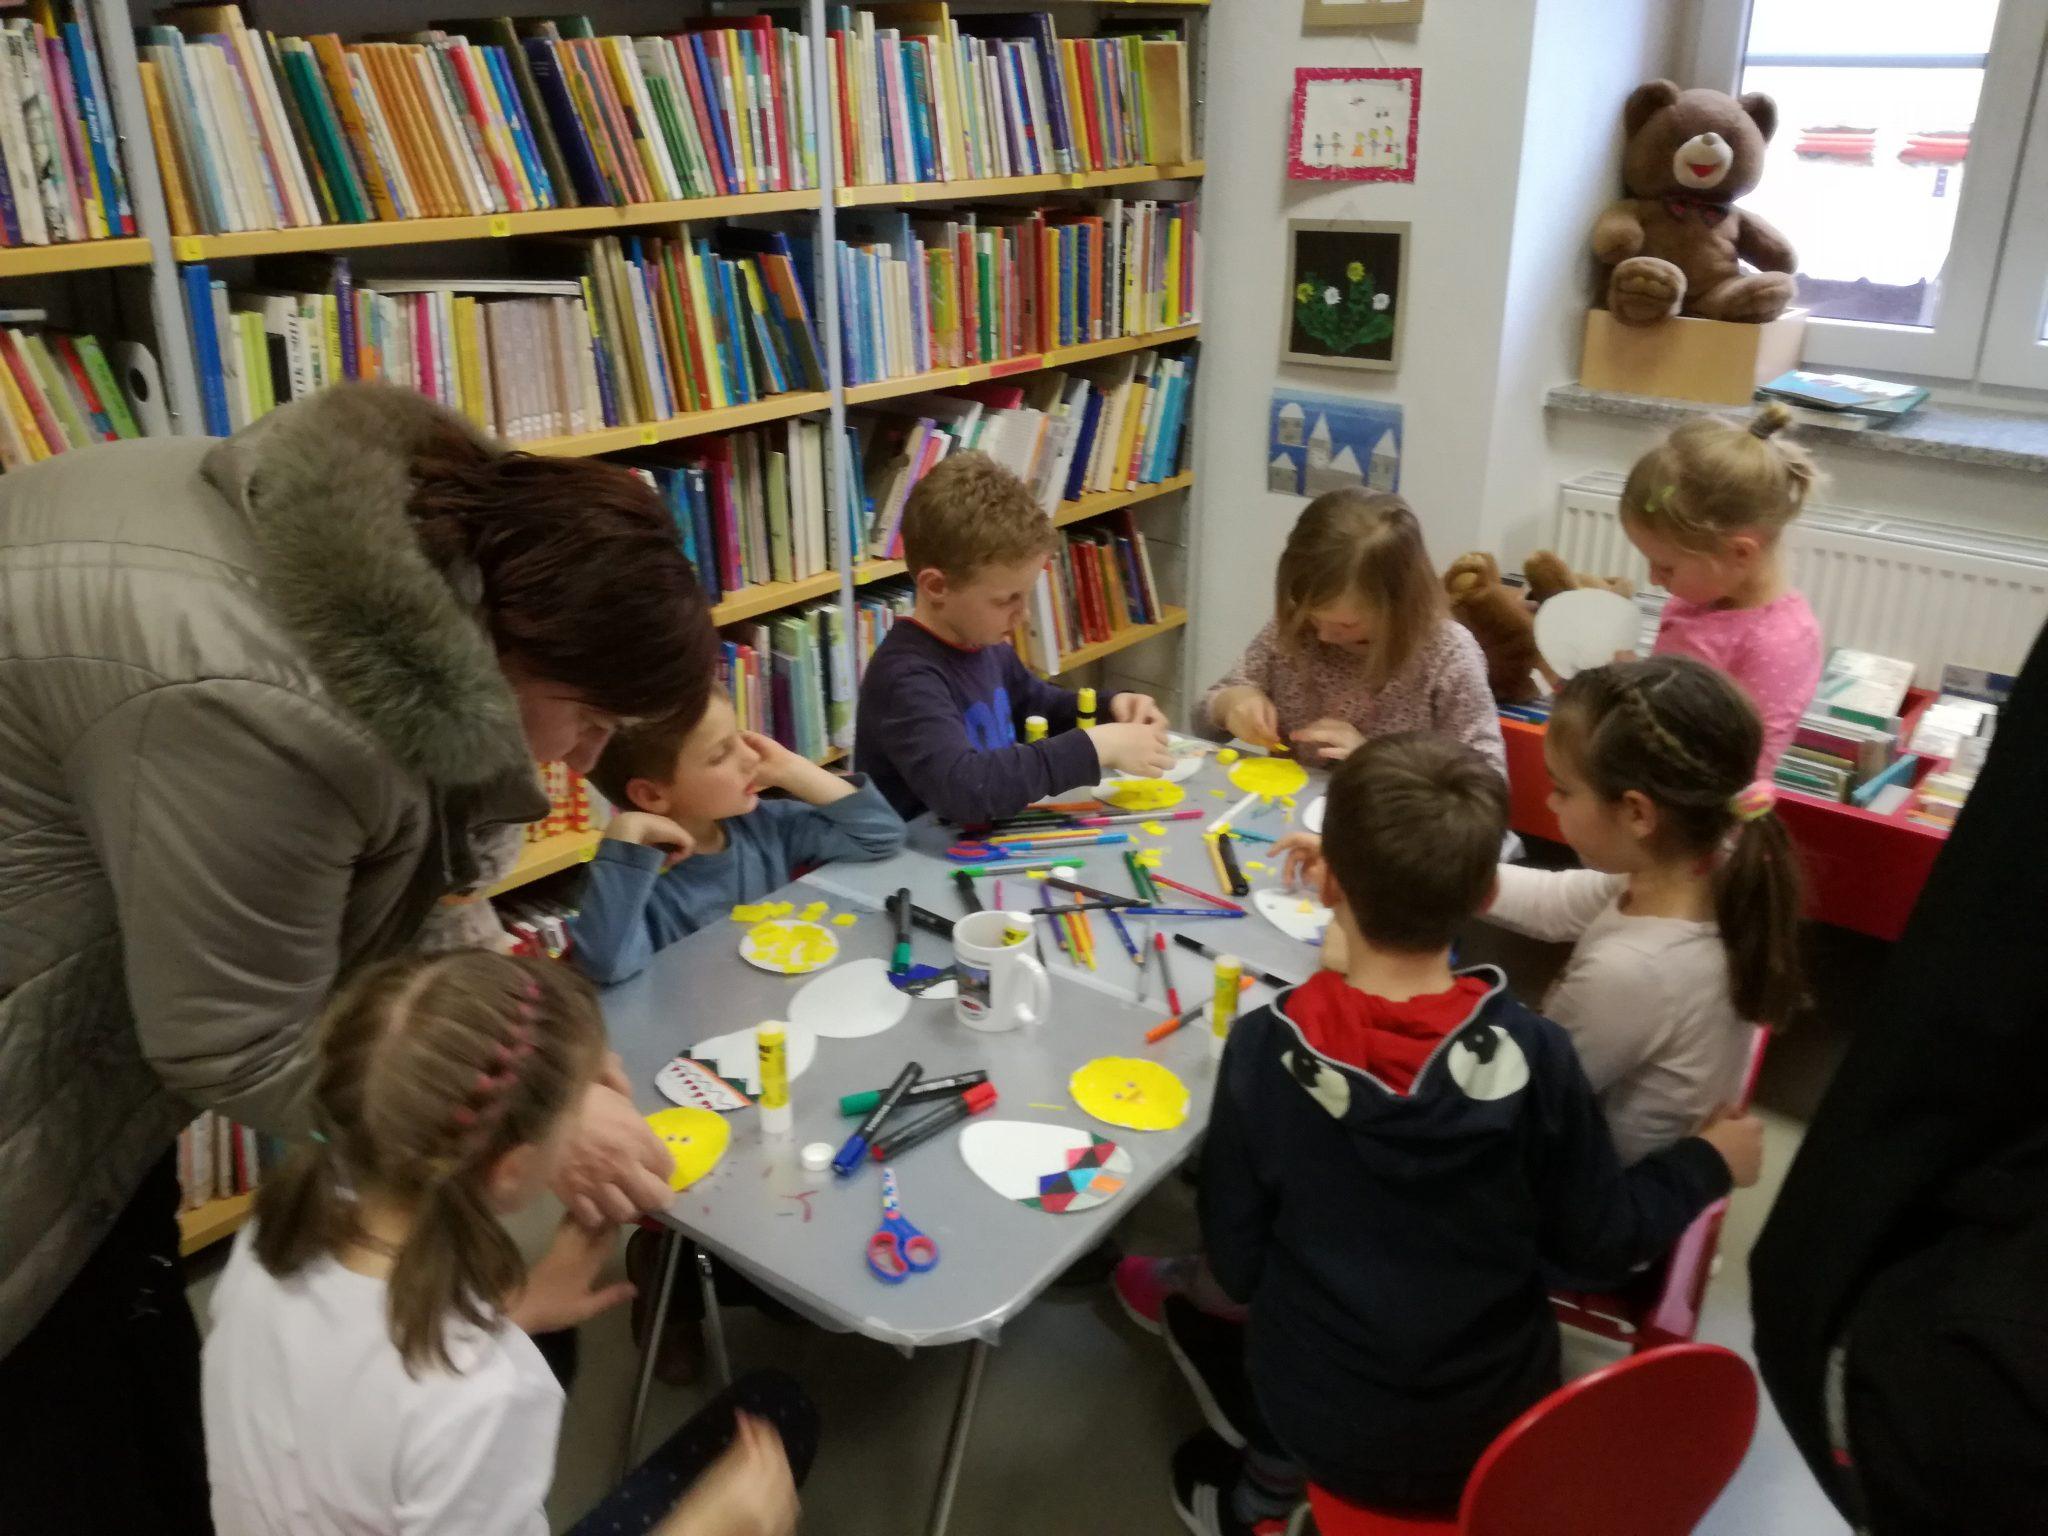 IMG 20190412 180425 - Pravljična ura in ustvarjalna delavnica za otroke od 4. leta dalje - Cerknica